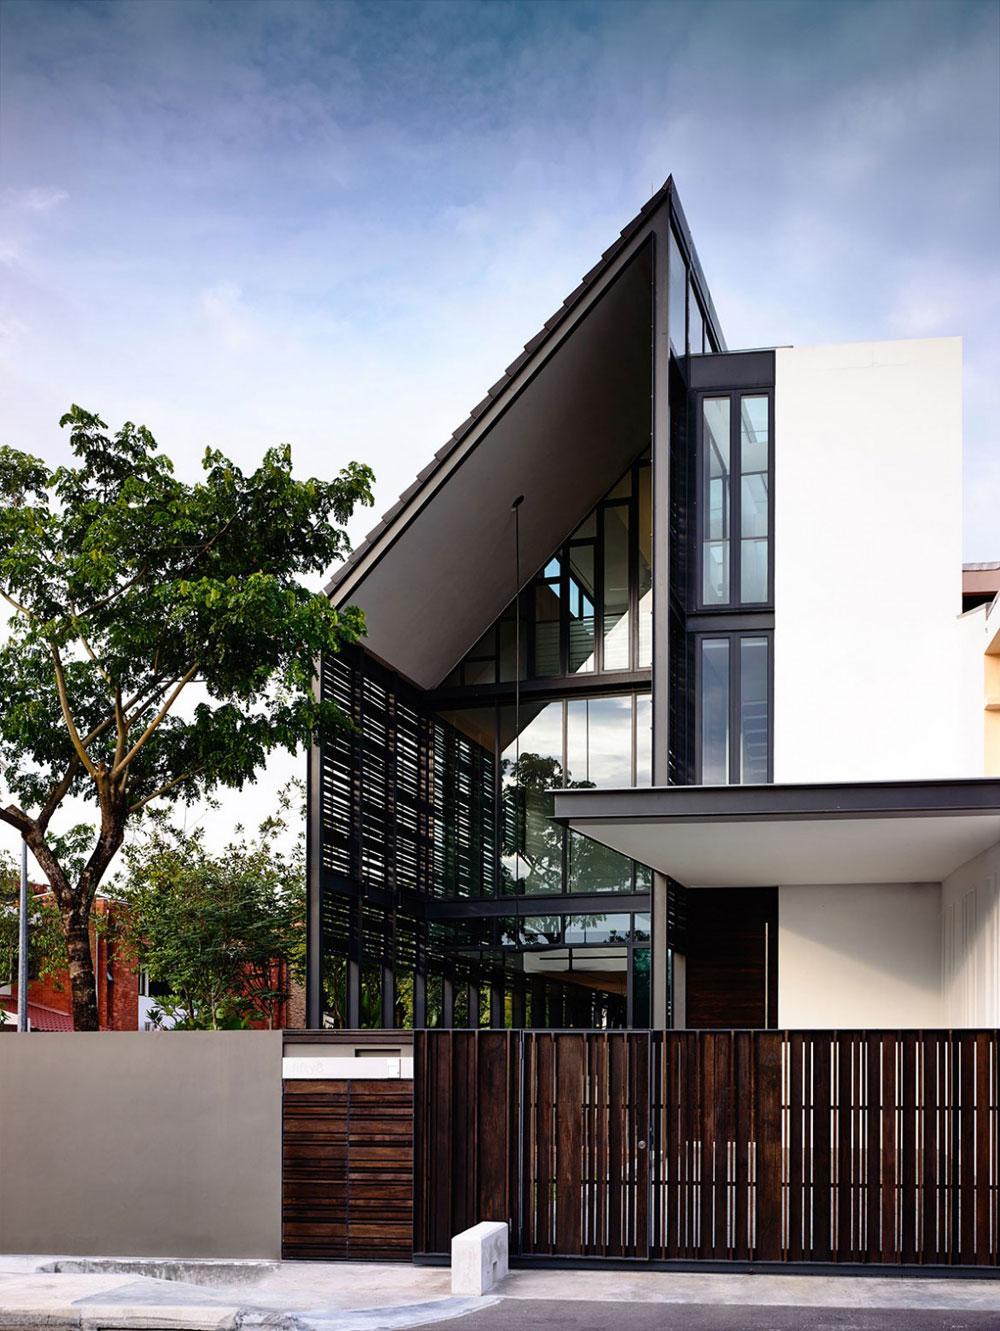 Arkitektur-design-inspiration-presenterar-vackra-byggnader-9 Arkitektur-design-inspiration-presenterar vackra byggnader